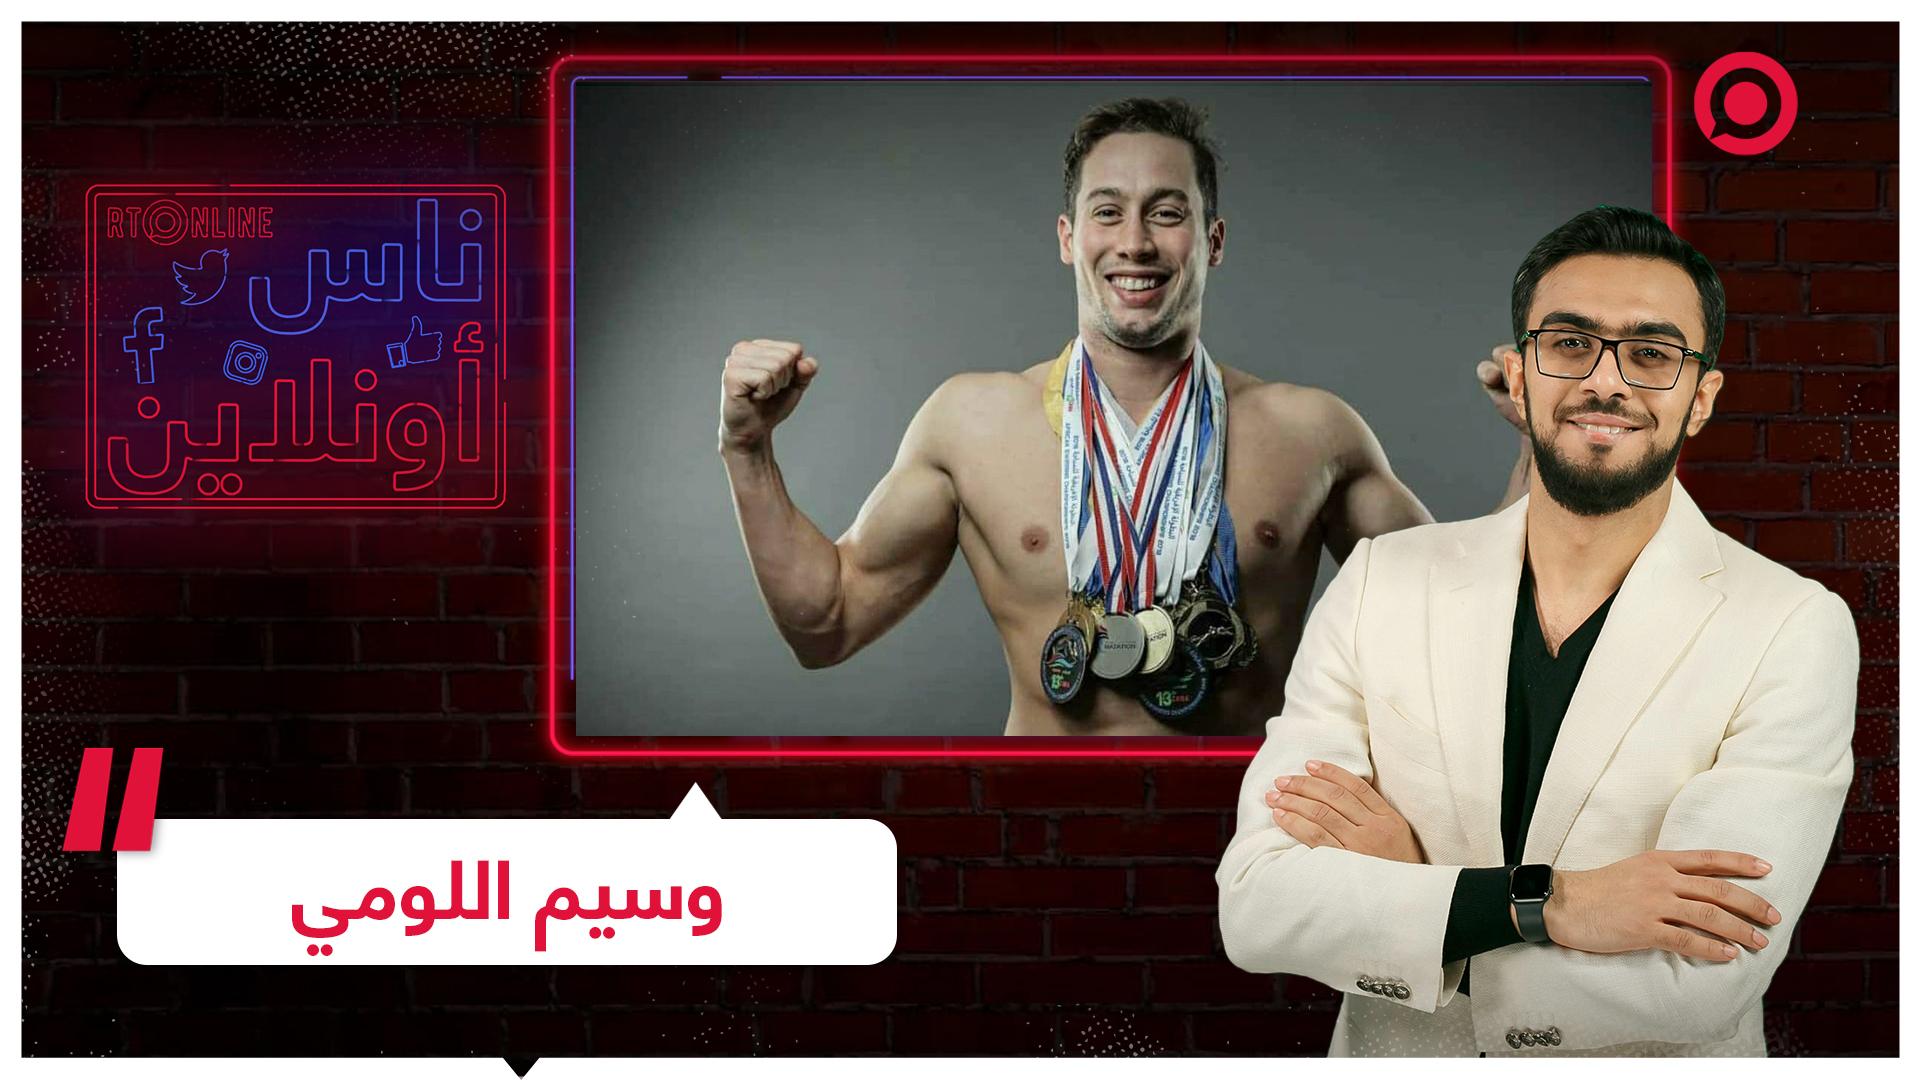 بطل العرب وإفريقيا في السباحة يعمل على متن باخرة